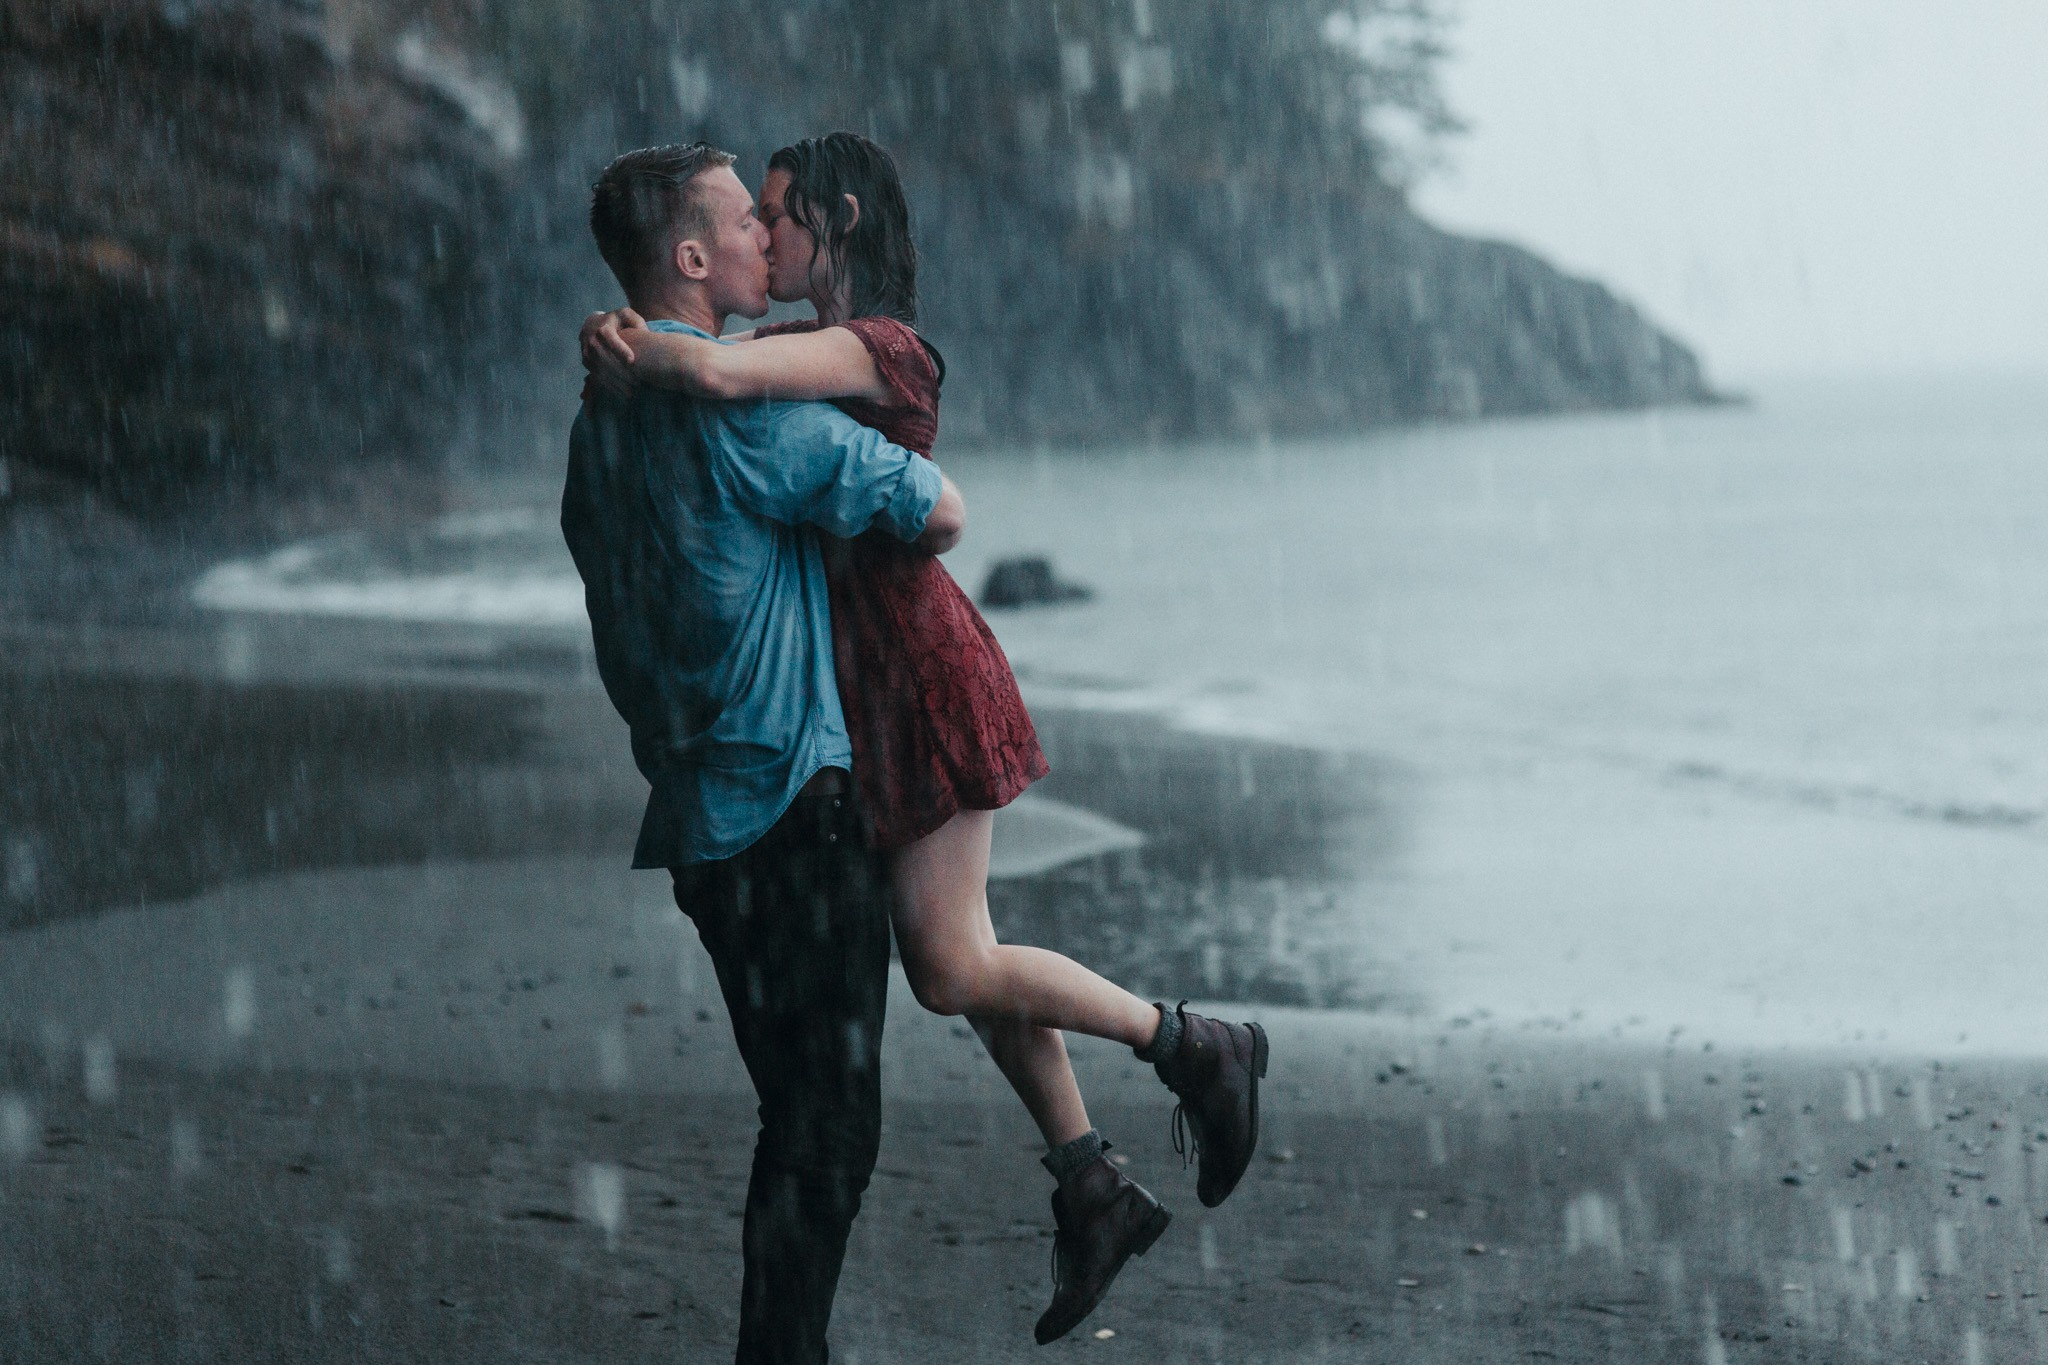 сказать под дождем картинки пар целующихся первой линии том